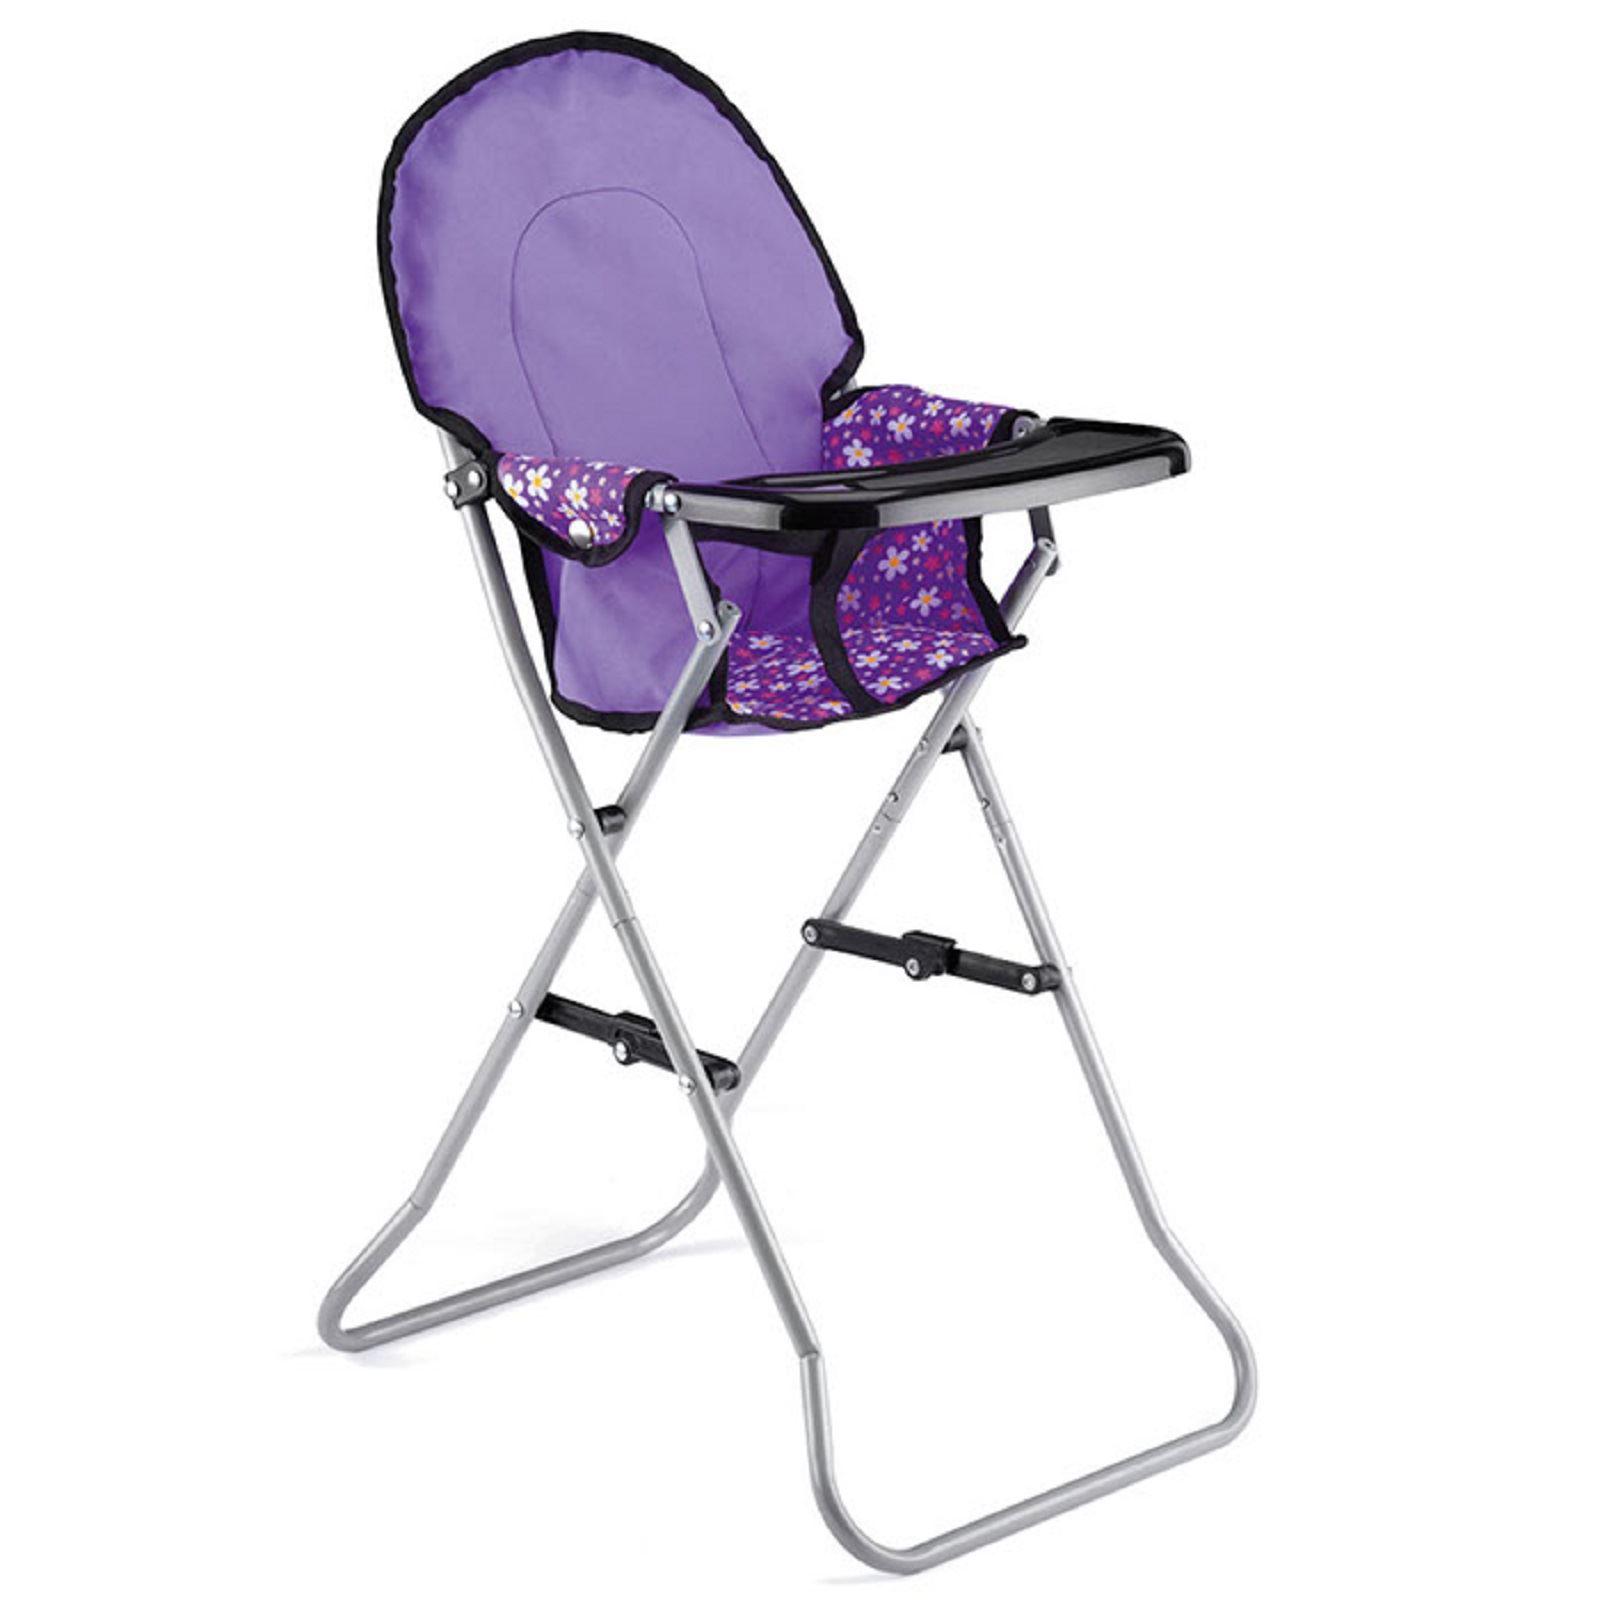 High Chair Toys Argos Design Ideas  sc 1 st  Chair Design Ideas & High Chair Toys Argos - Chair Design Ideas